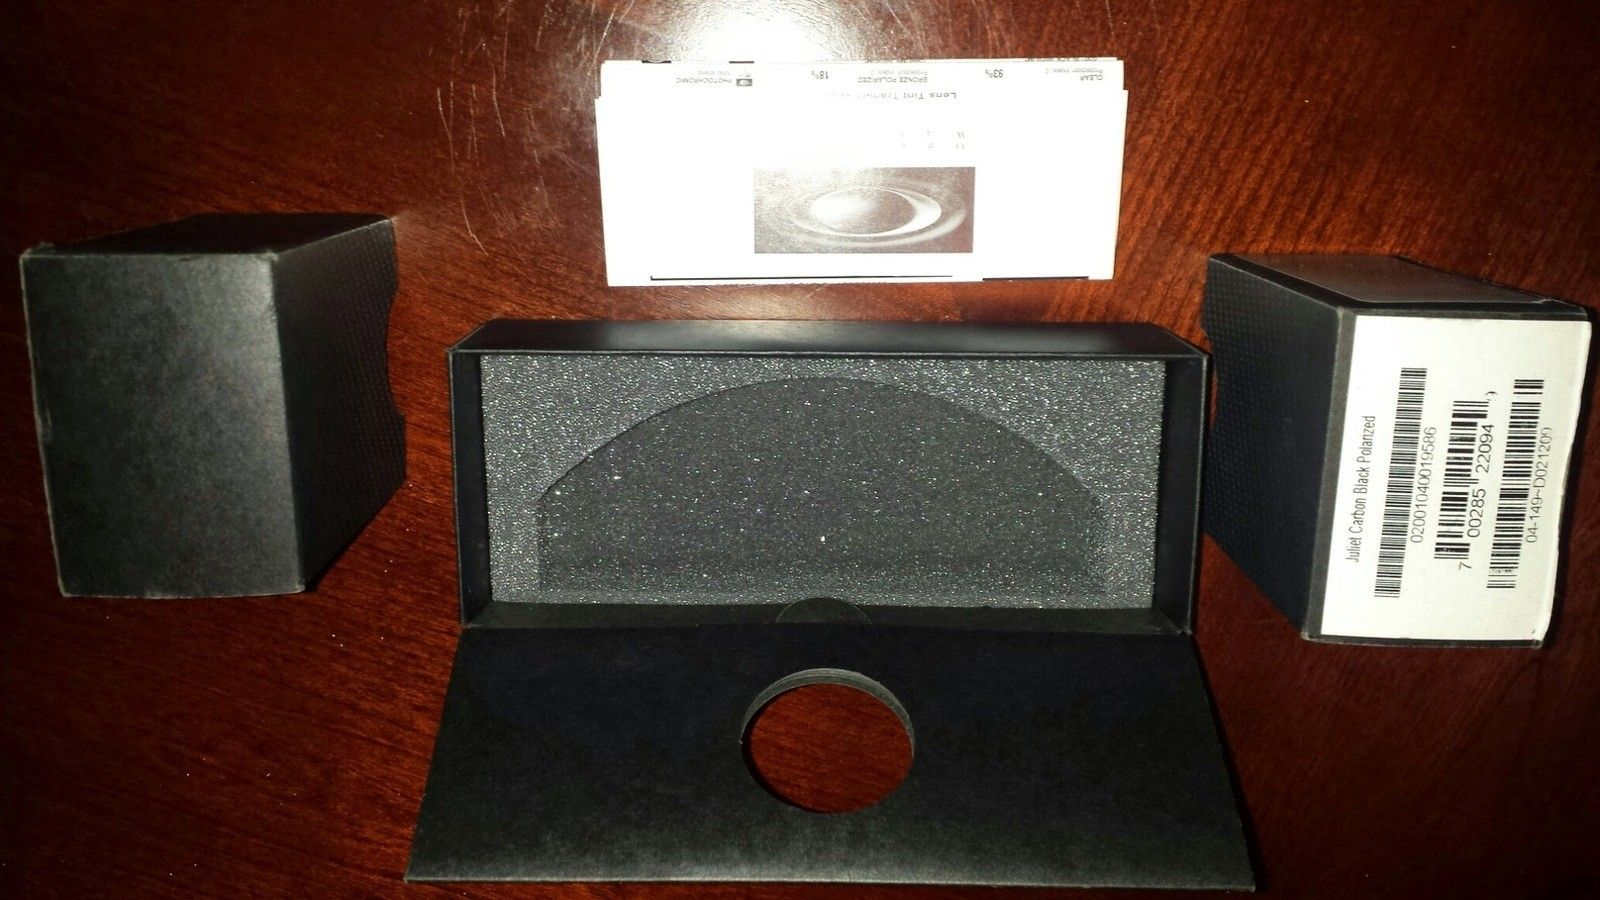 3 Pc Juliet Box 04-149 - Traded - 20140503_211356.jpg